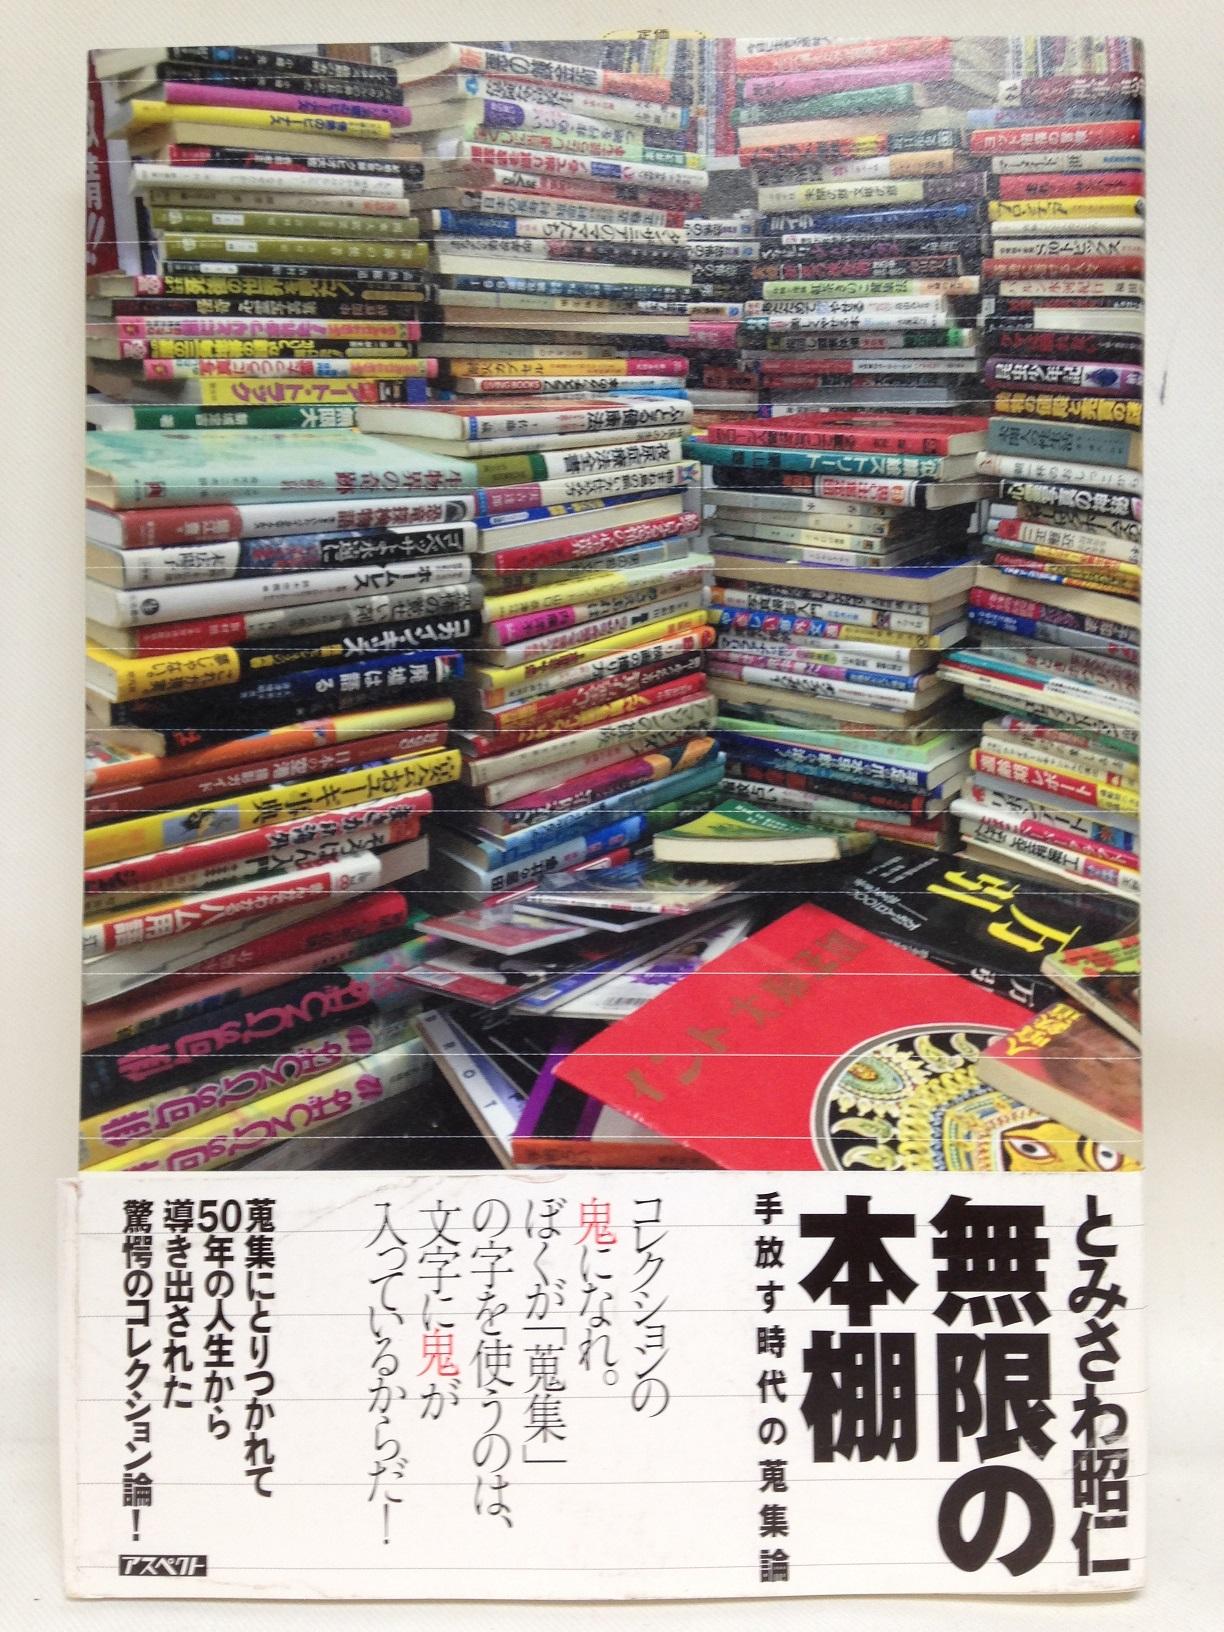 【特価本】無限の本棚 手放す時代の蒐集論画像